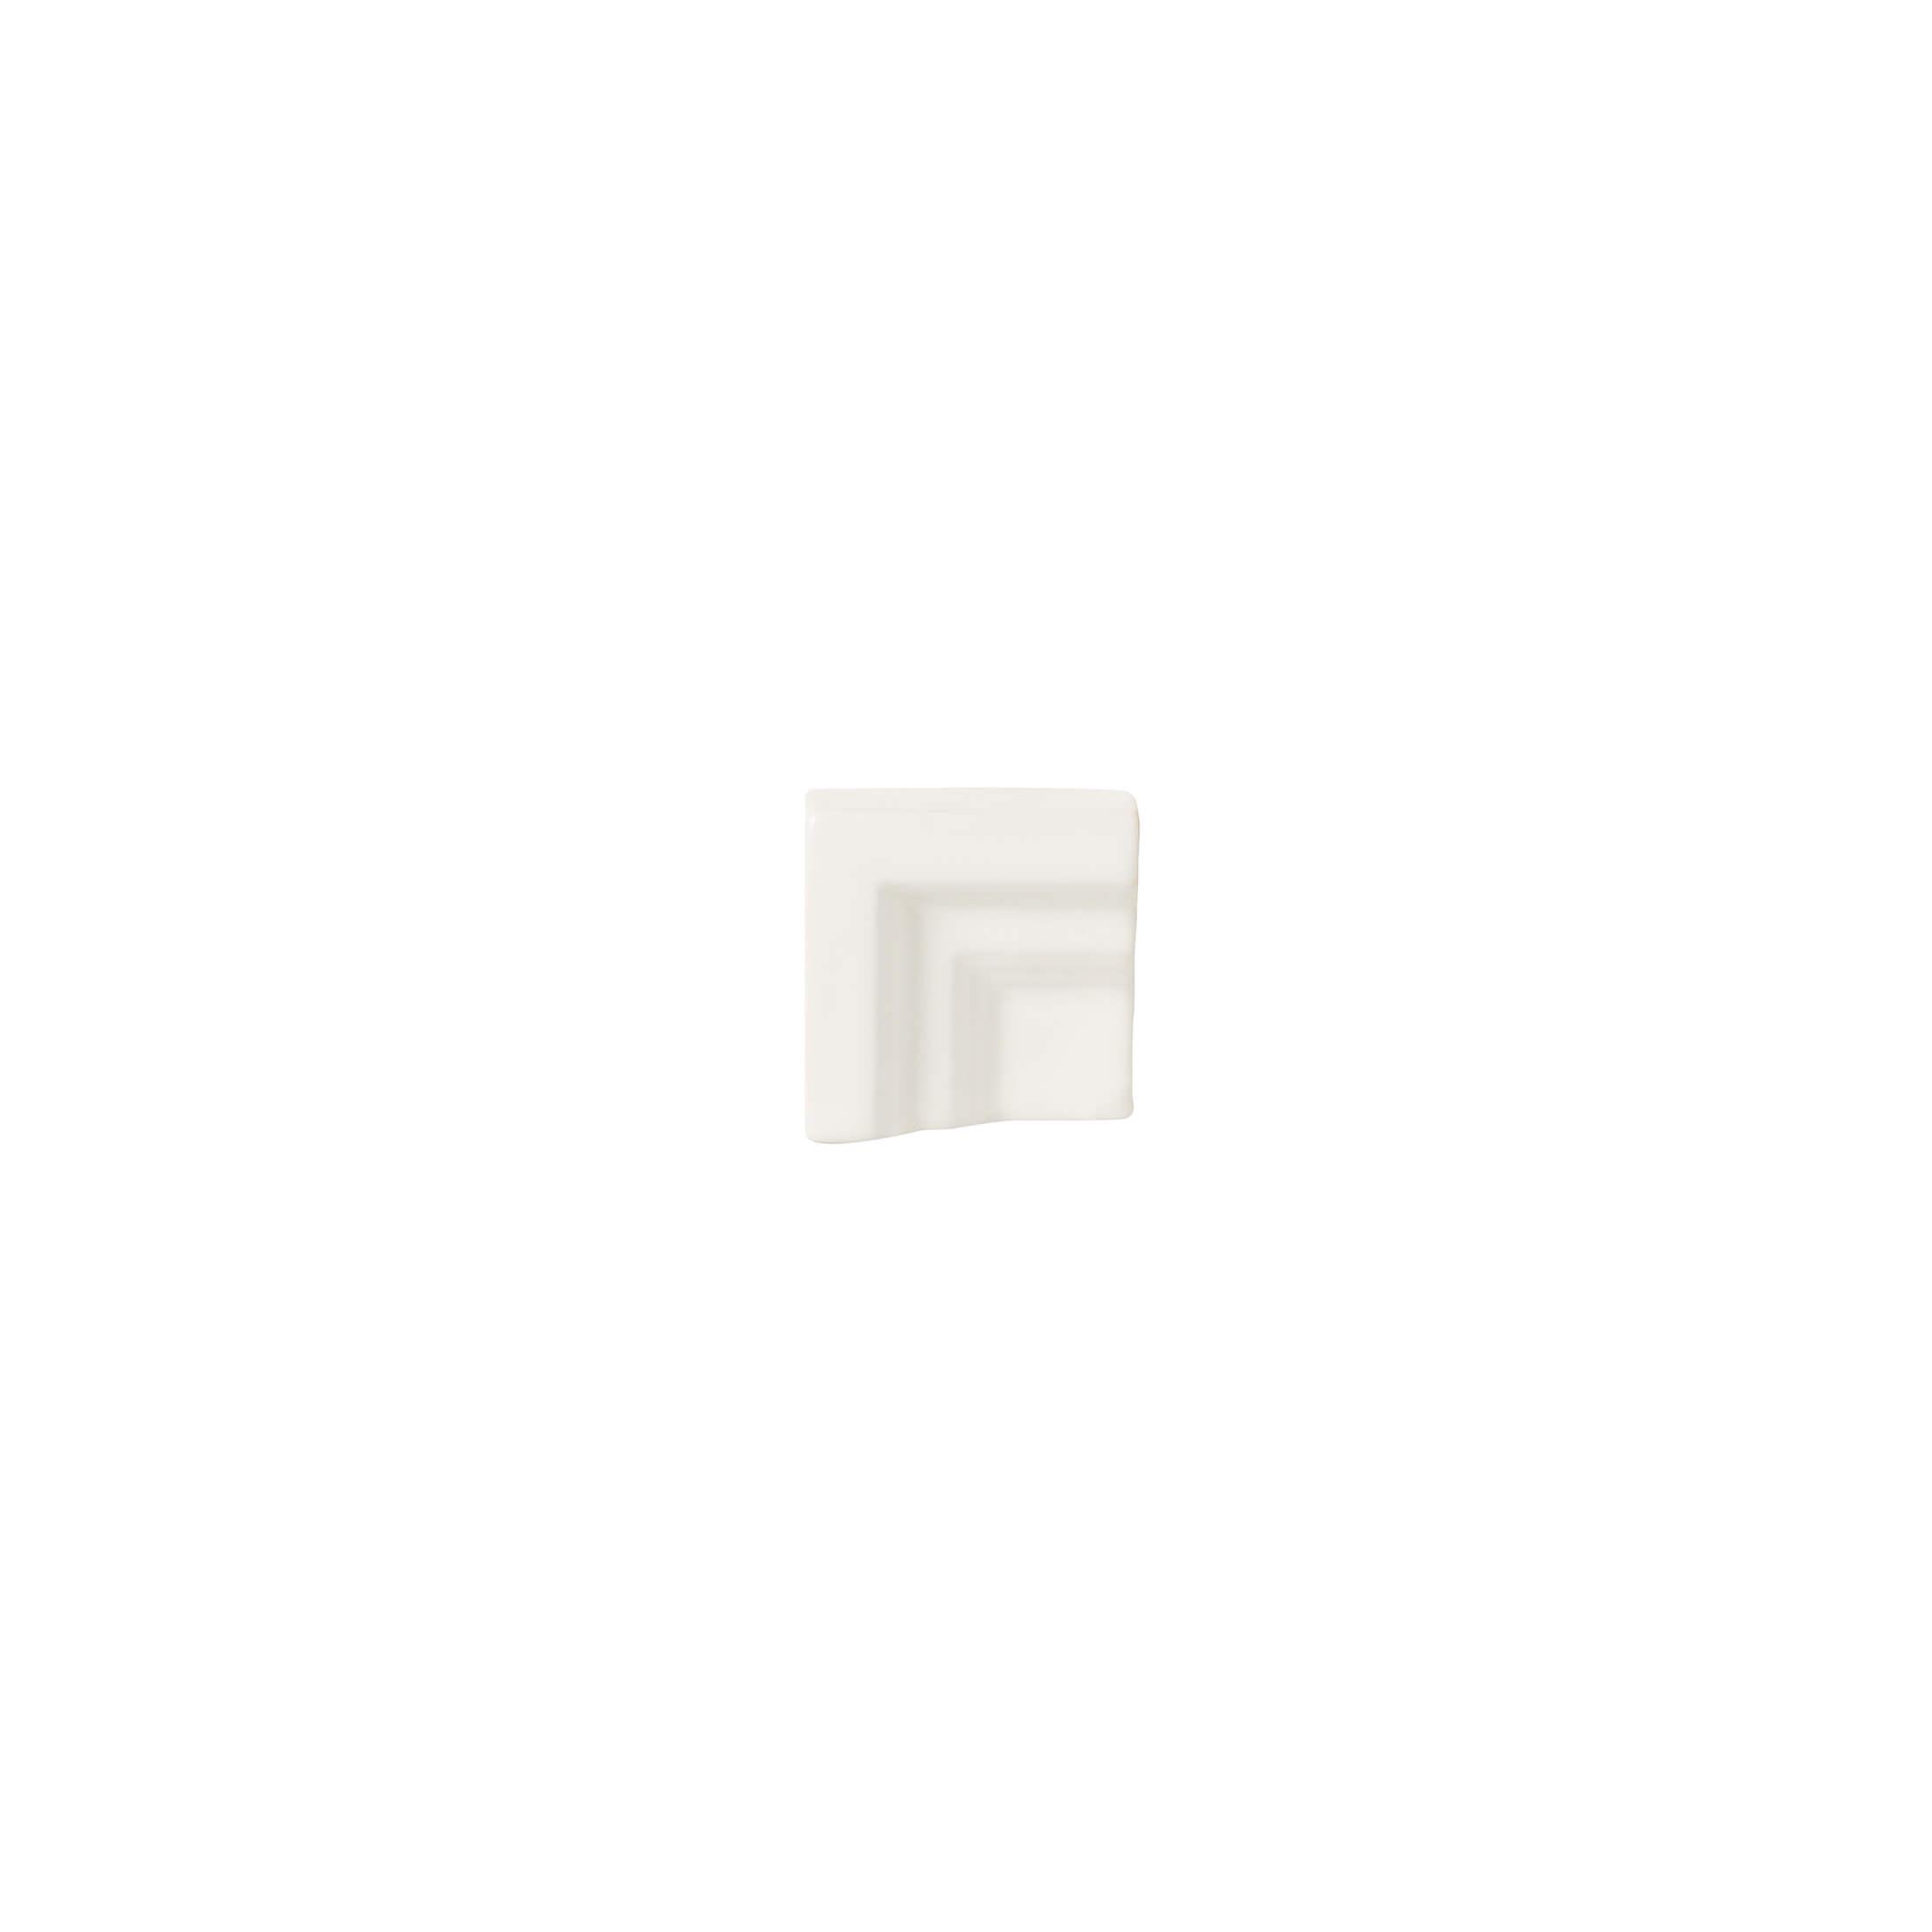 ADNE5475 - ANGULO MARCO CORNISACLASICA - 5 cm X 20 cm